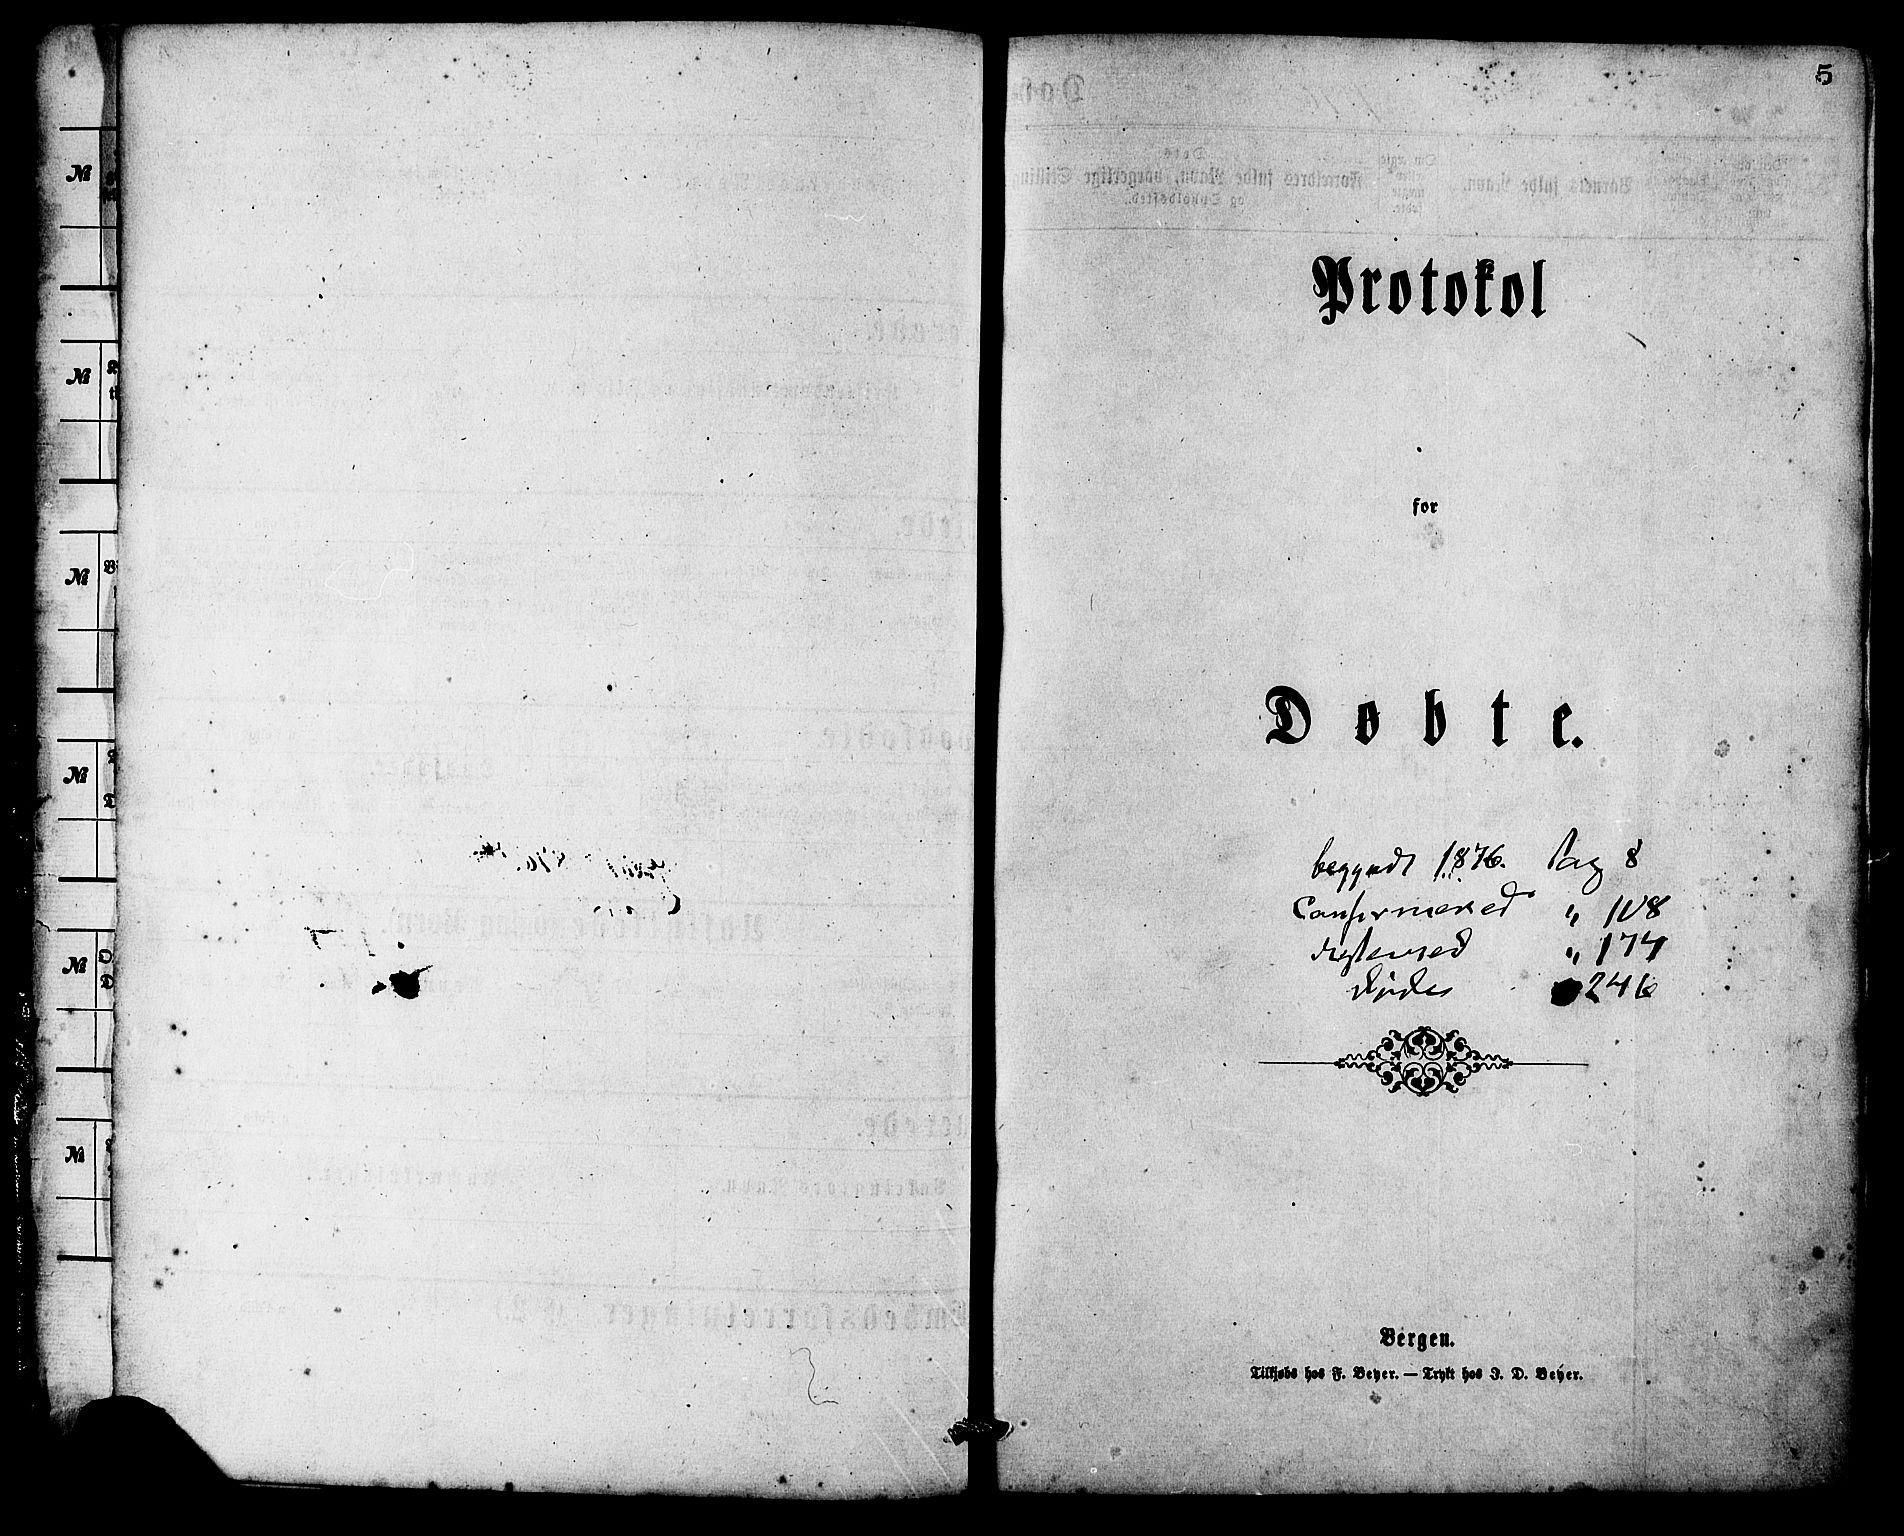 SAT, Ministerialprotokoller, klokkerbøker og fødselsregistre - Møre og Romsdal, 537/L0519: Ministerialbok nr. 537A03, 1876-1889, s. 5